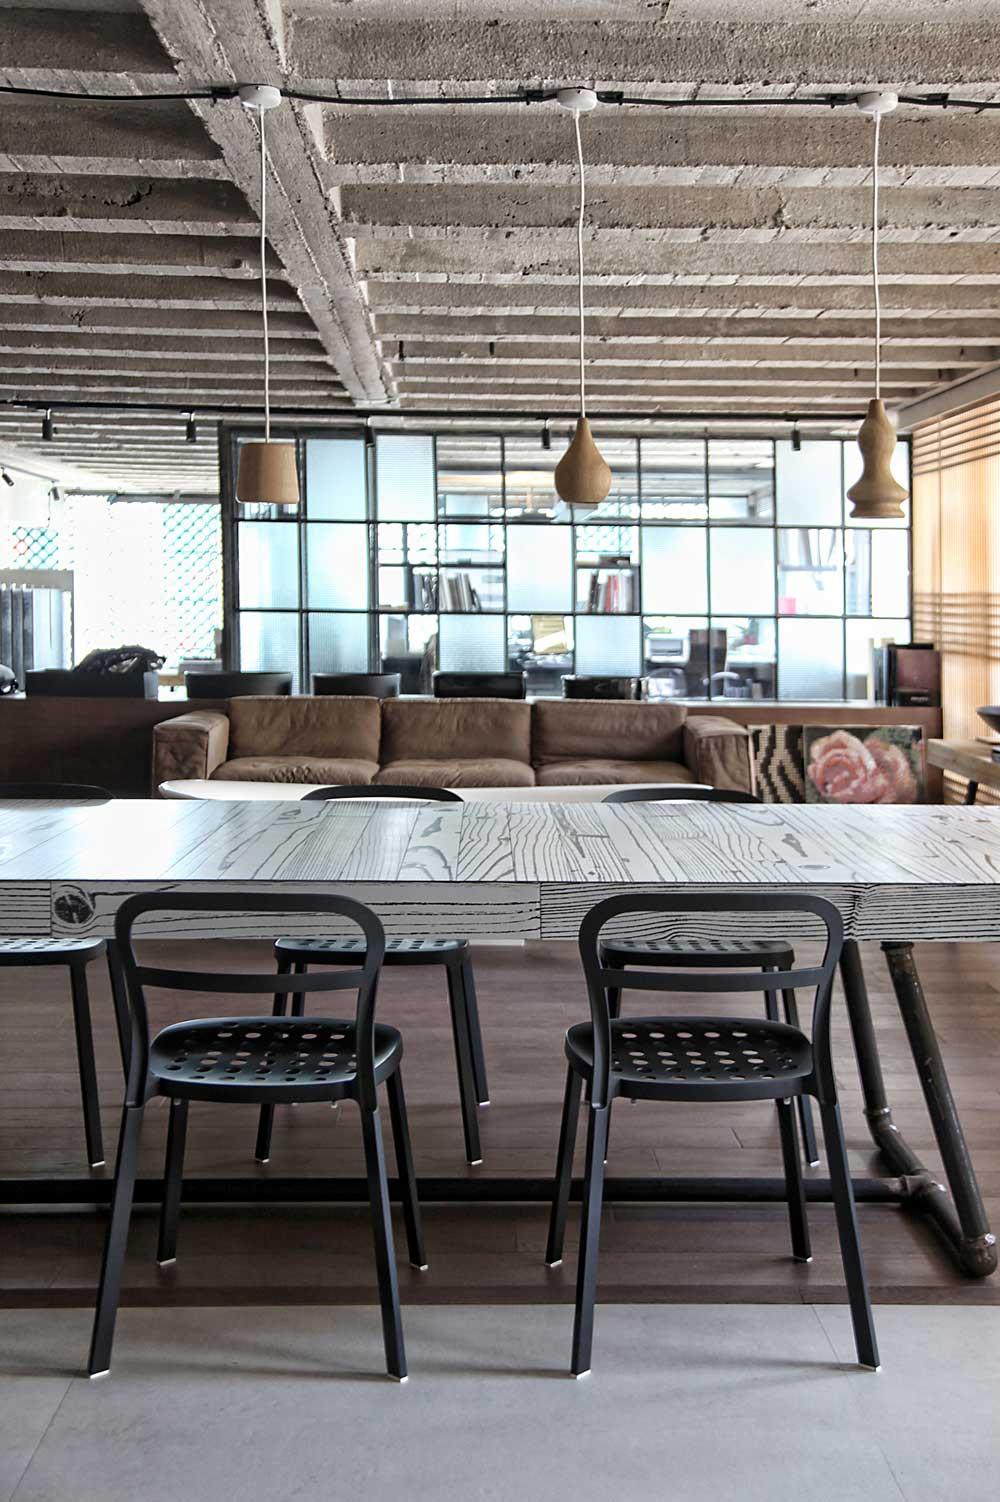 modernes esstisch aus holz und stahl-esszimmerstühlen mit lochung aus metall-pendelleuchten holz